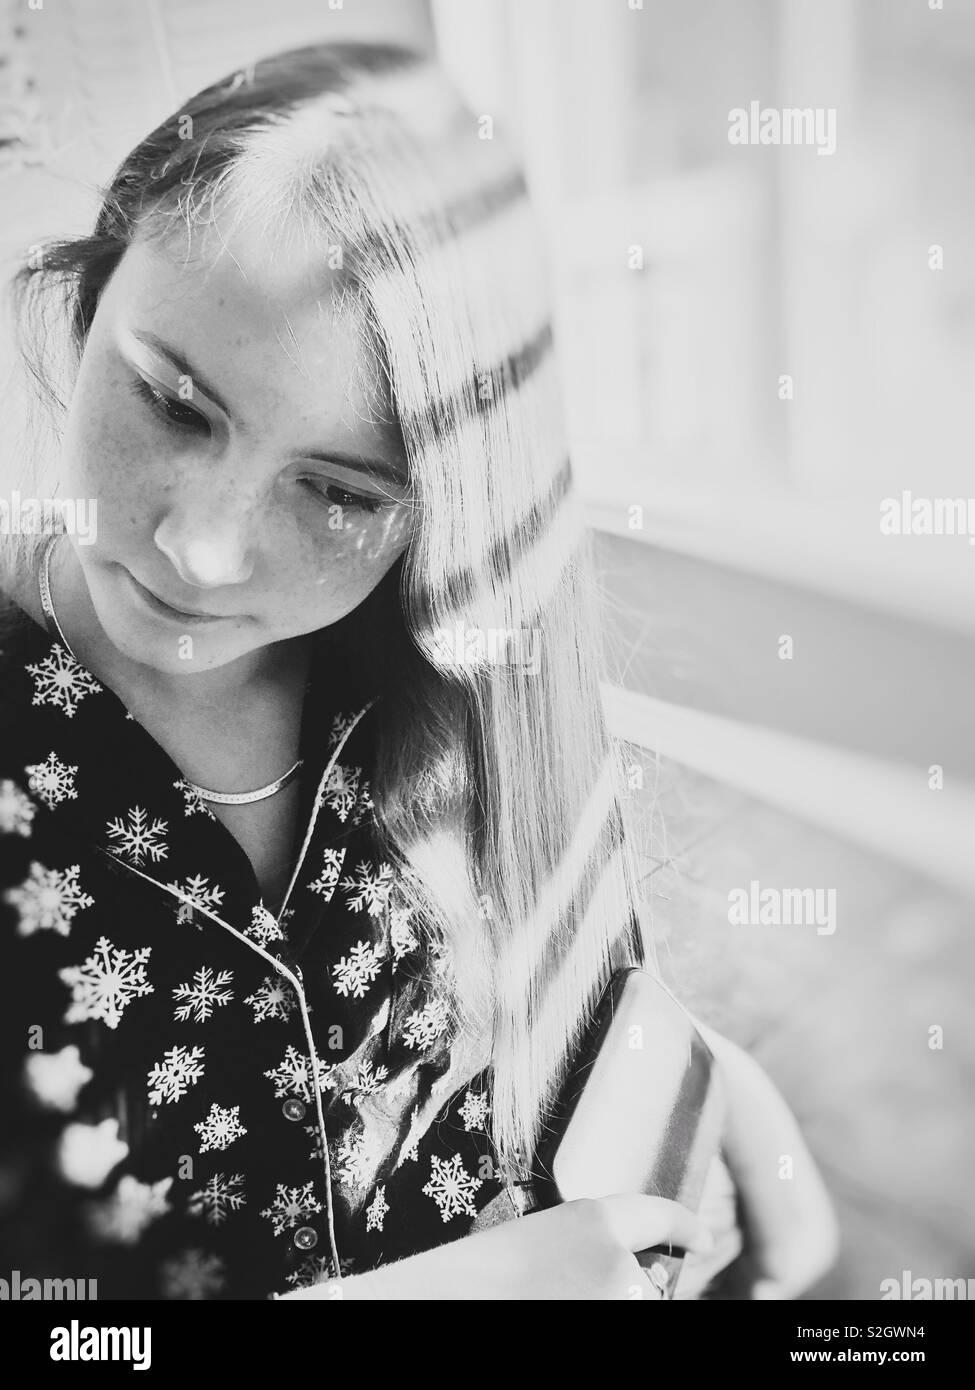 Espacioso, imagen en blanco y negro de adolescente el cepillado de largo, pelo rubio por una ventana con luz solar y sombras Foto de stock